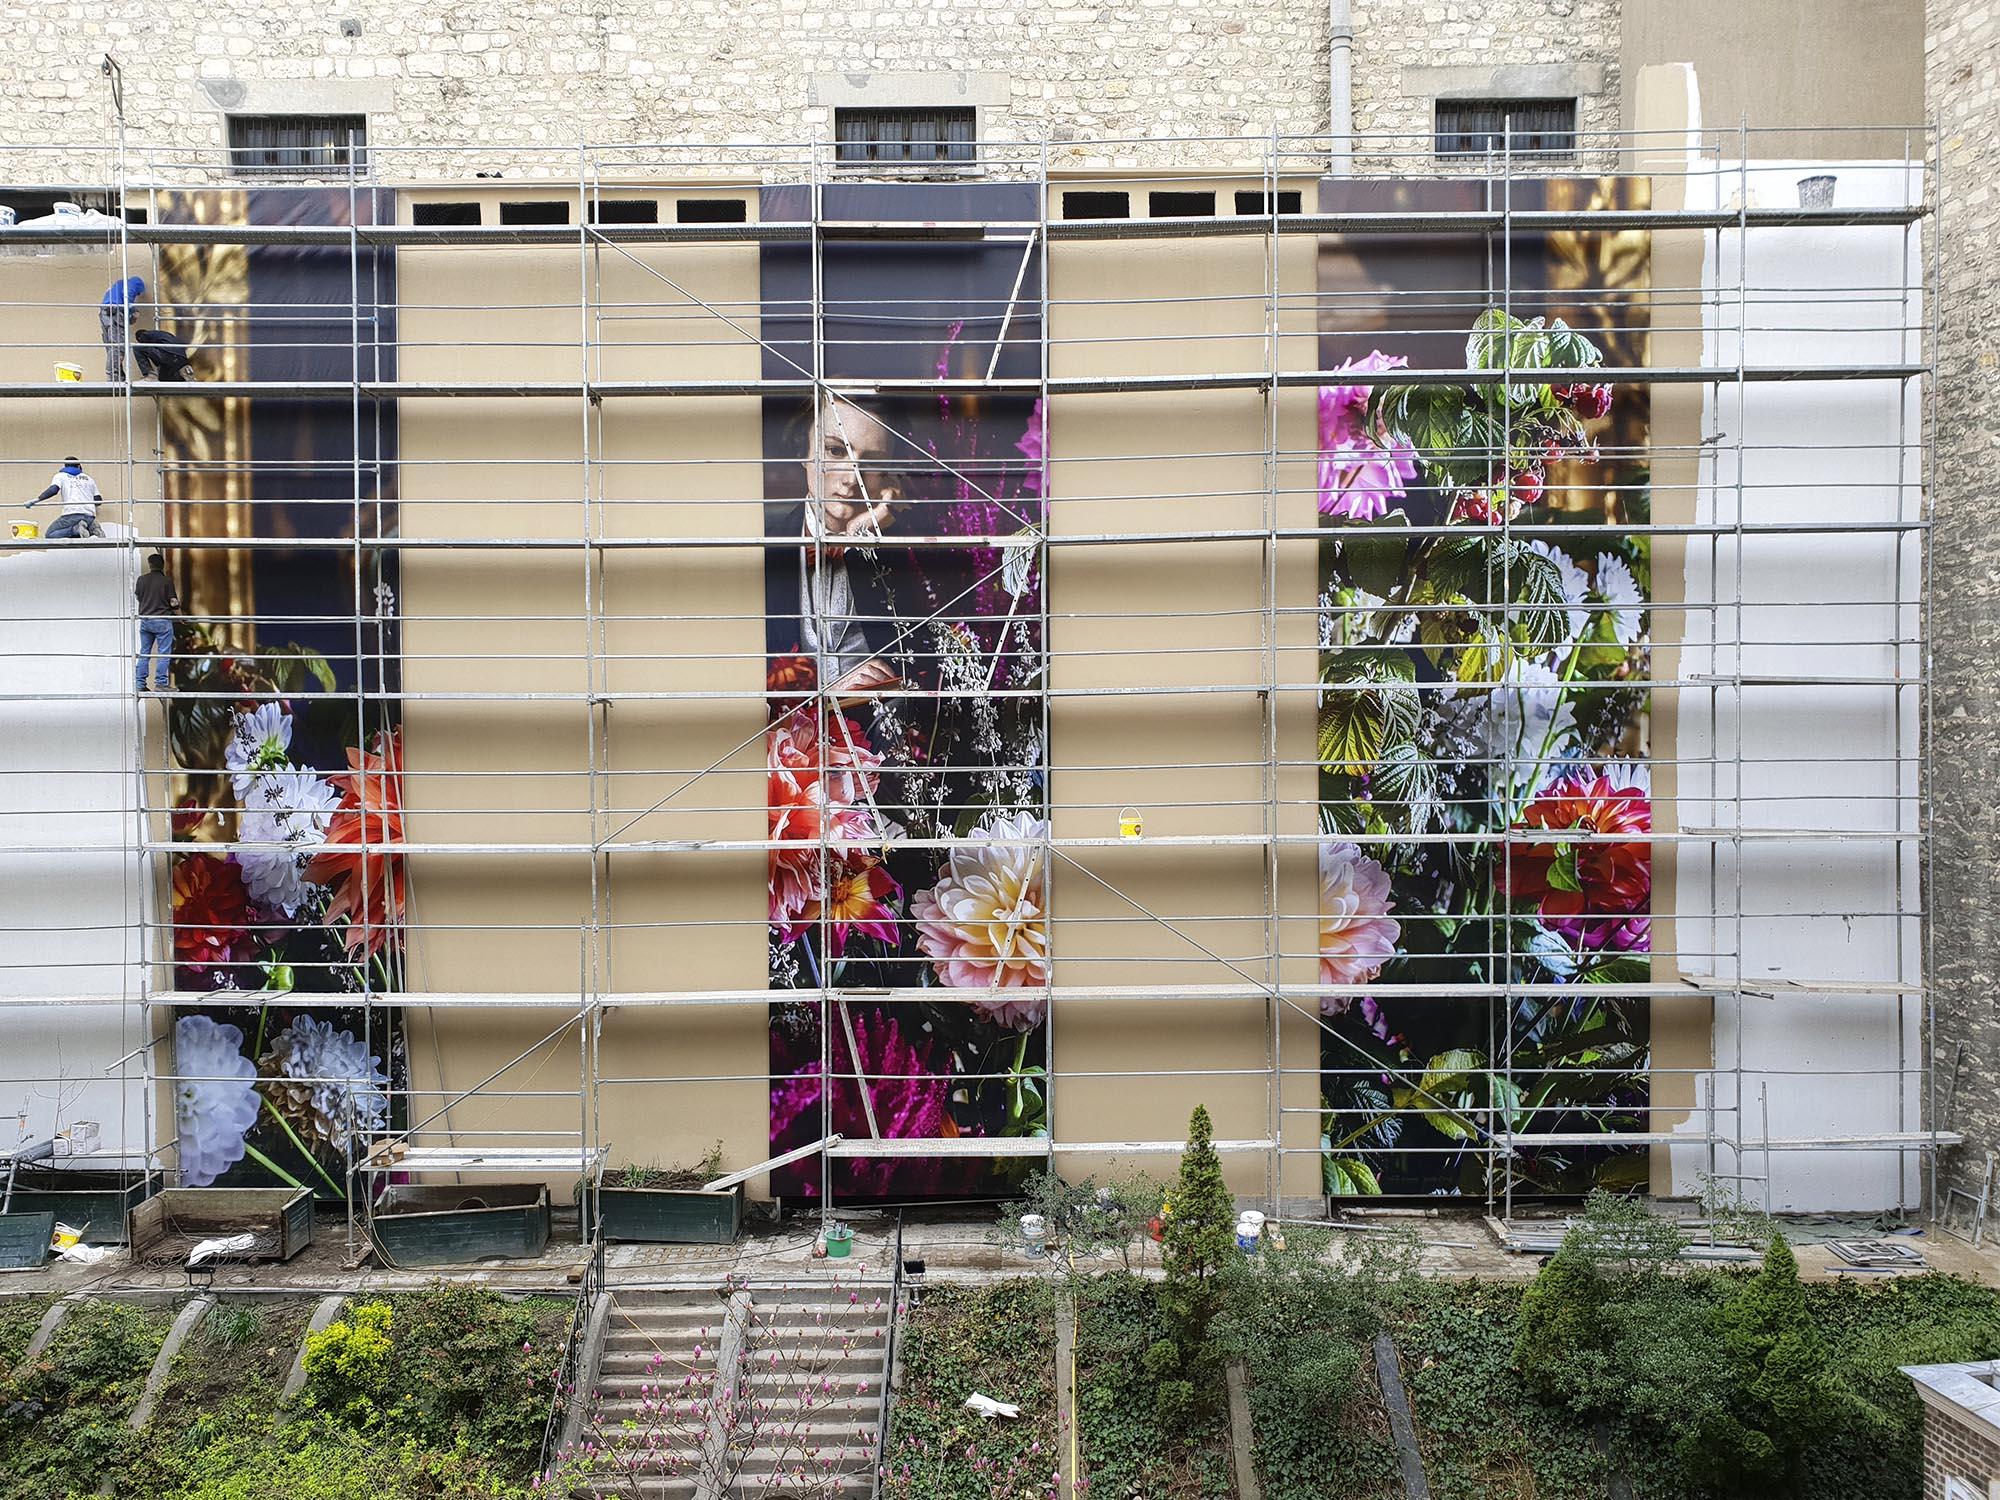 Nicolas d'Ursel et Fabien de Cugnac -Hôtel Alfred Sommier, Paris - Installation des bâches